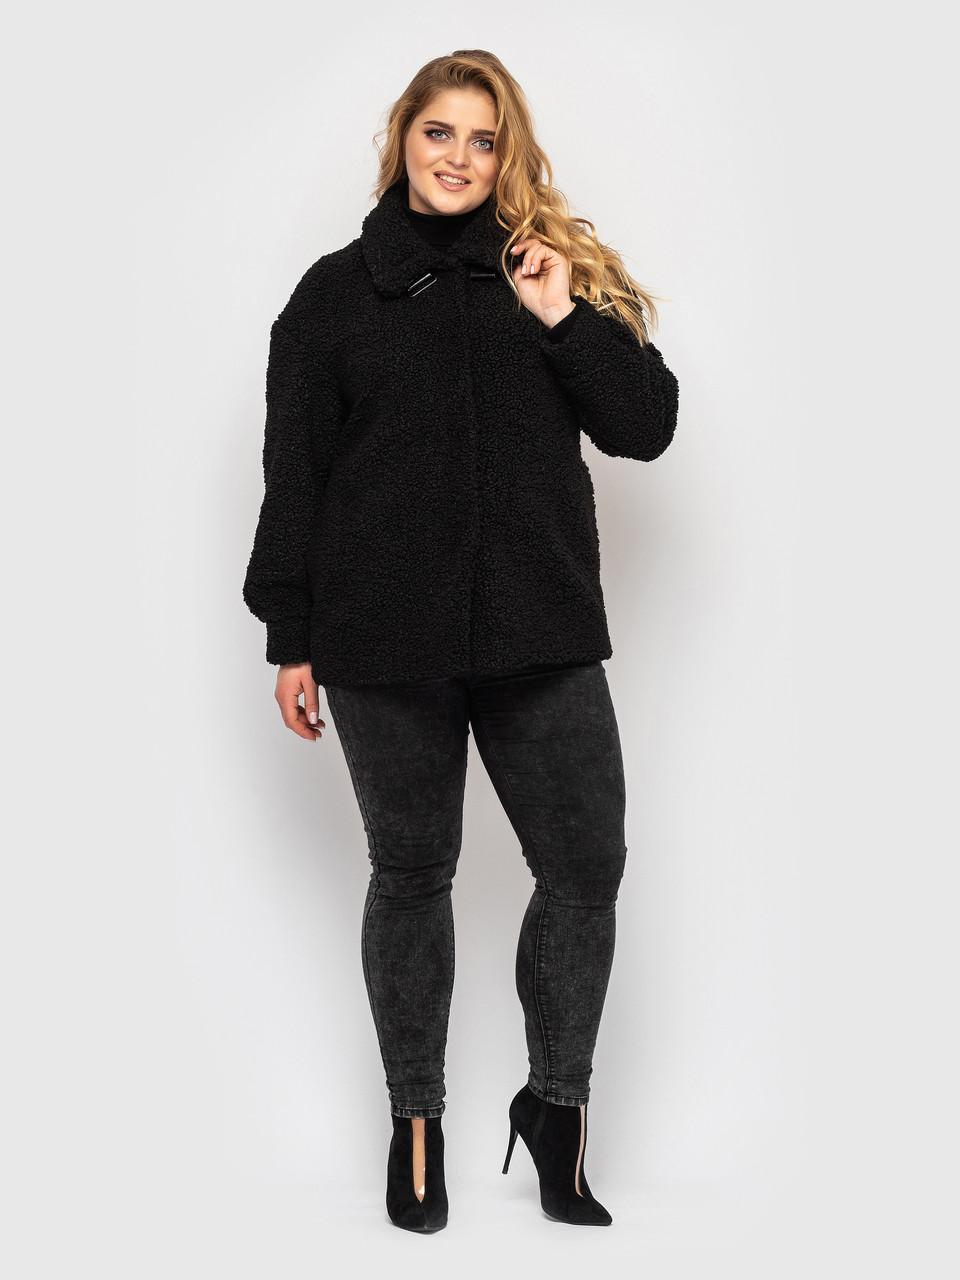 Куртка короткая Энджи экомех черная